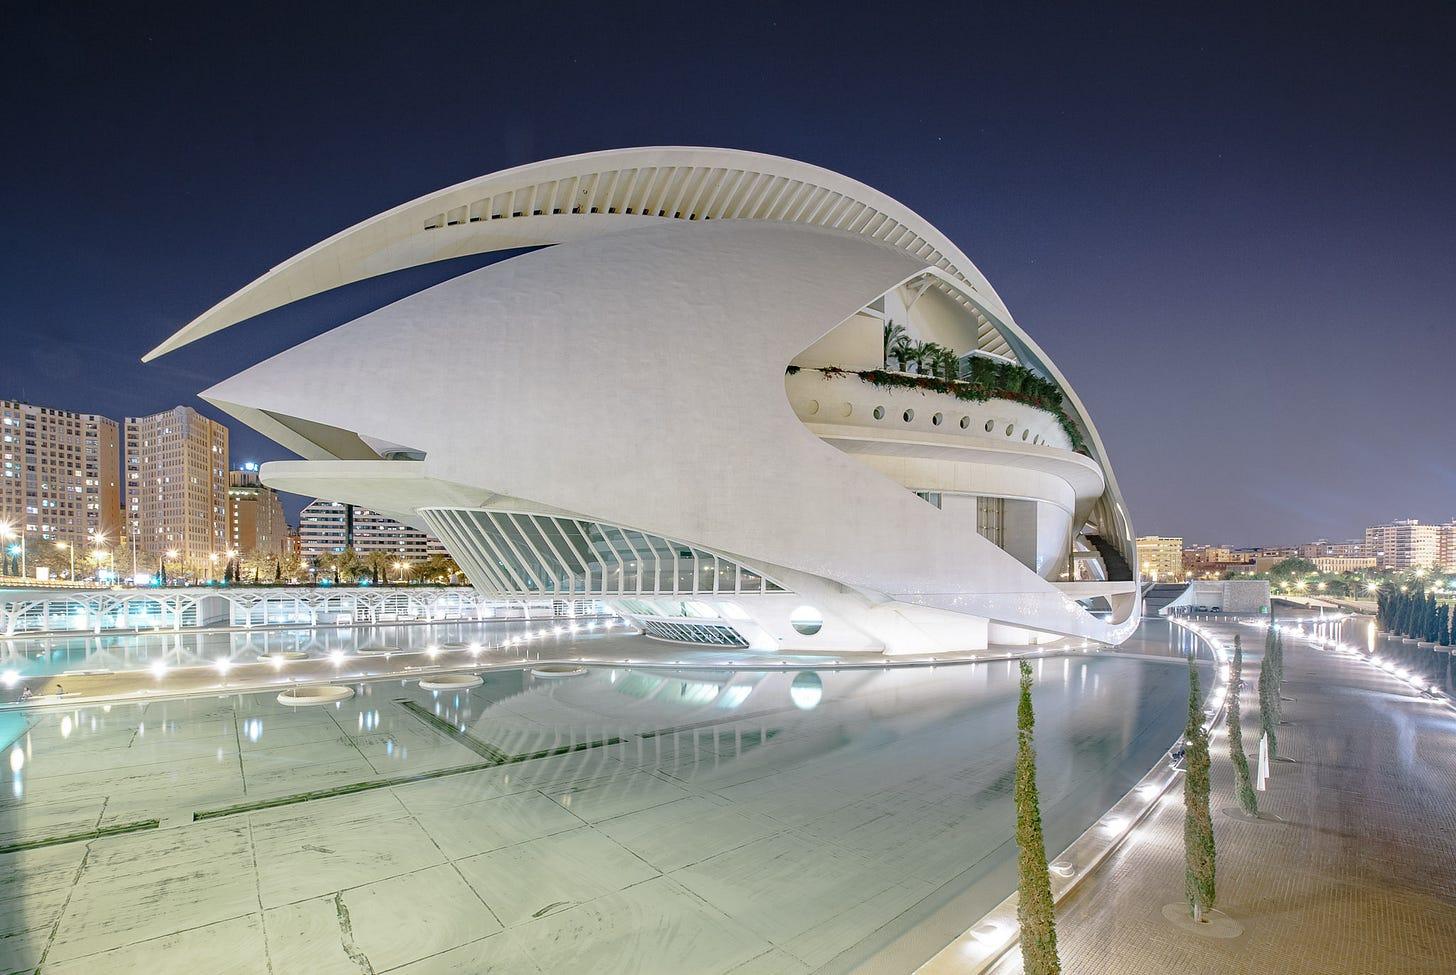 Ciudad de las Artes y las Ciencias - Valencia-DSC_2621-pete-carr-pete-carr.jpg